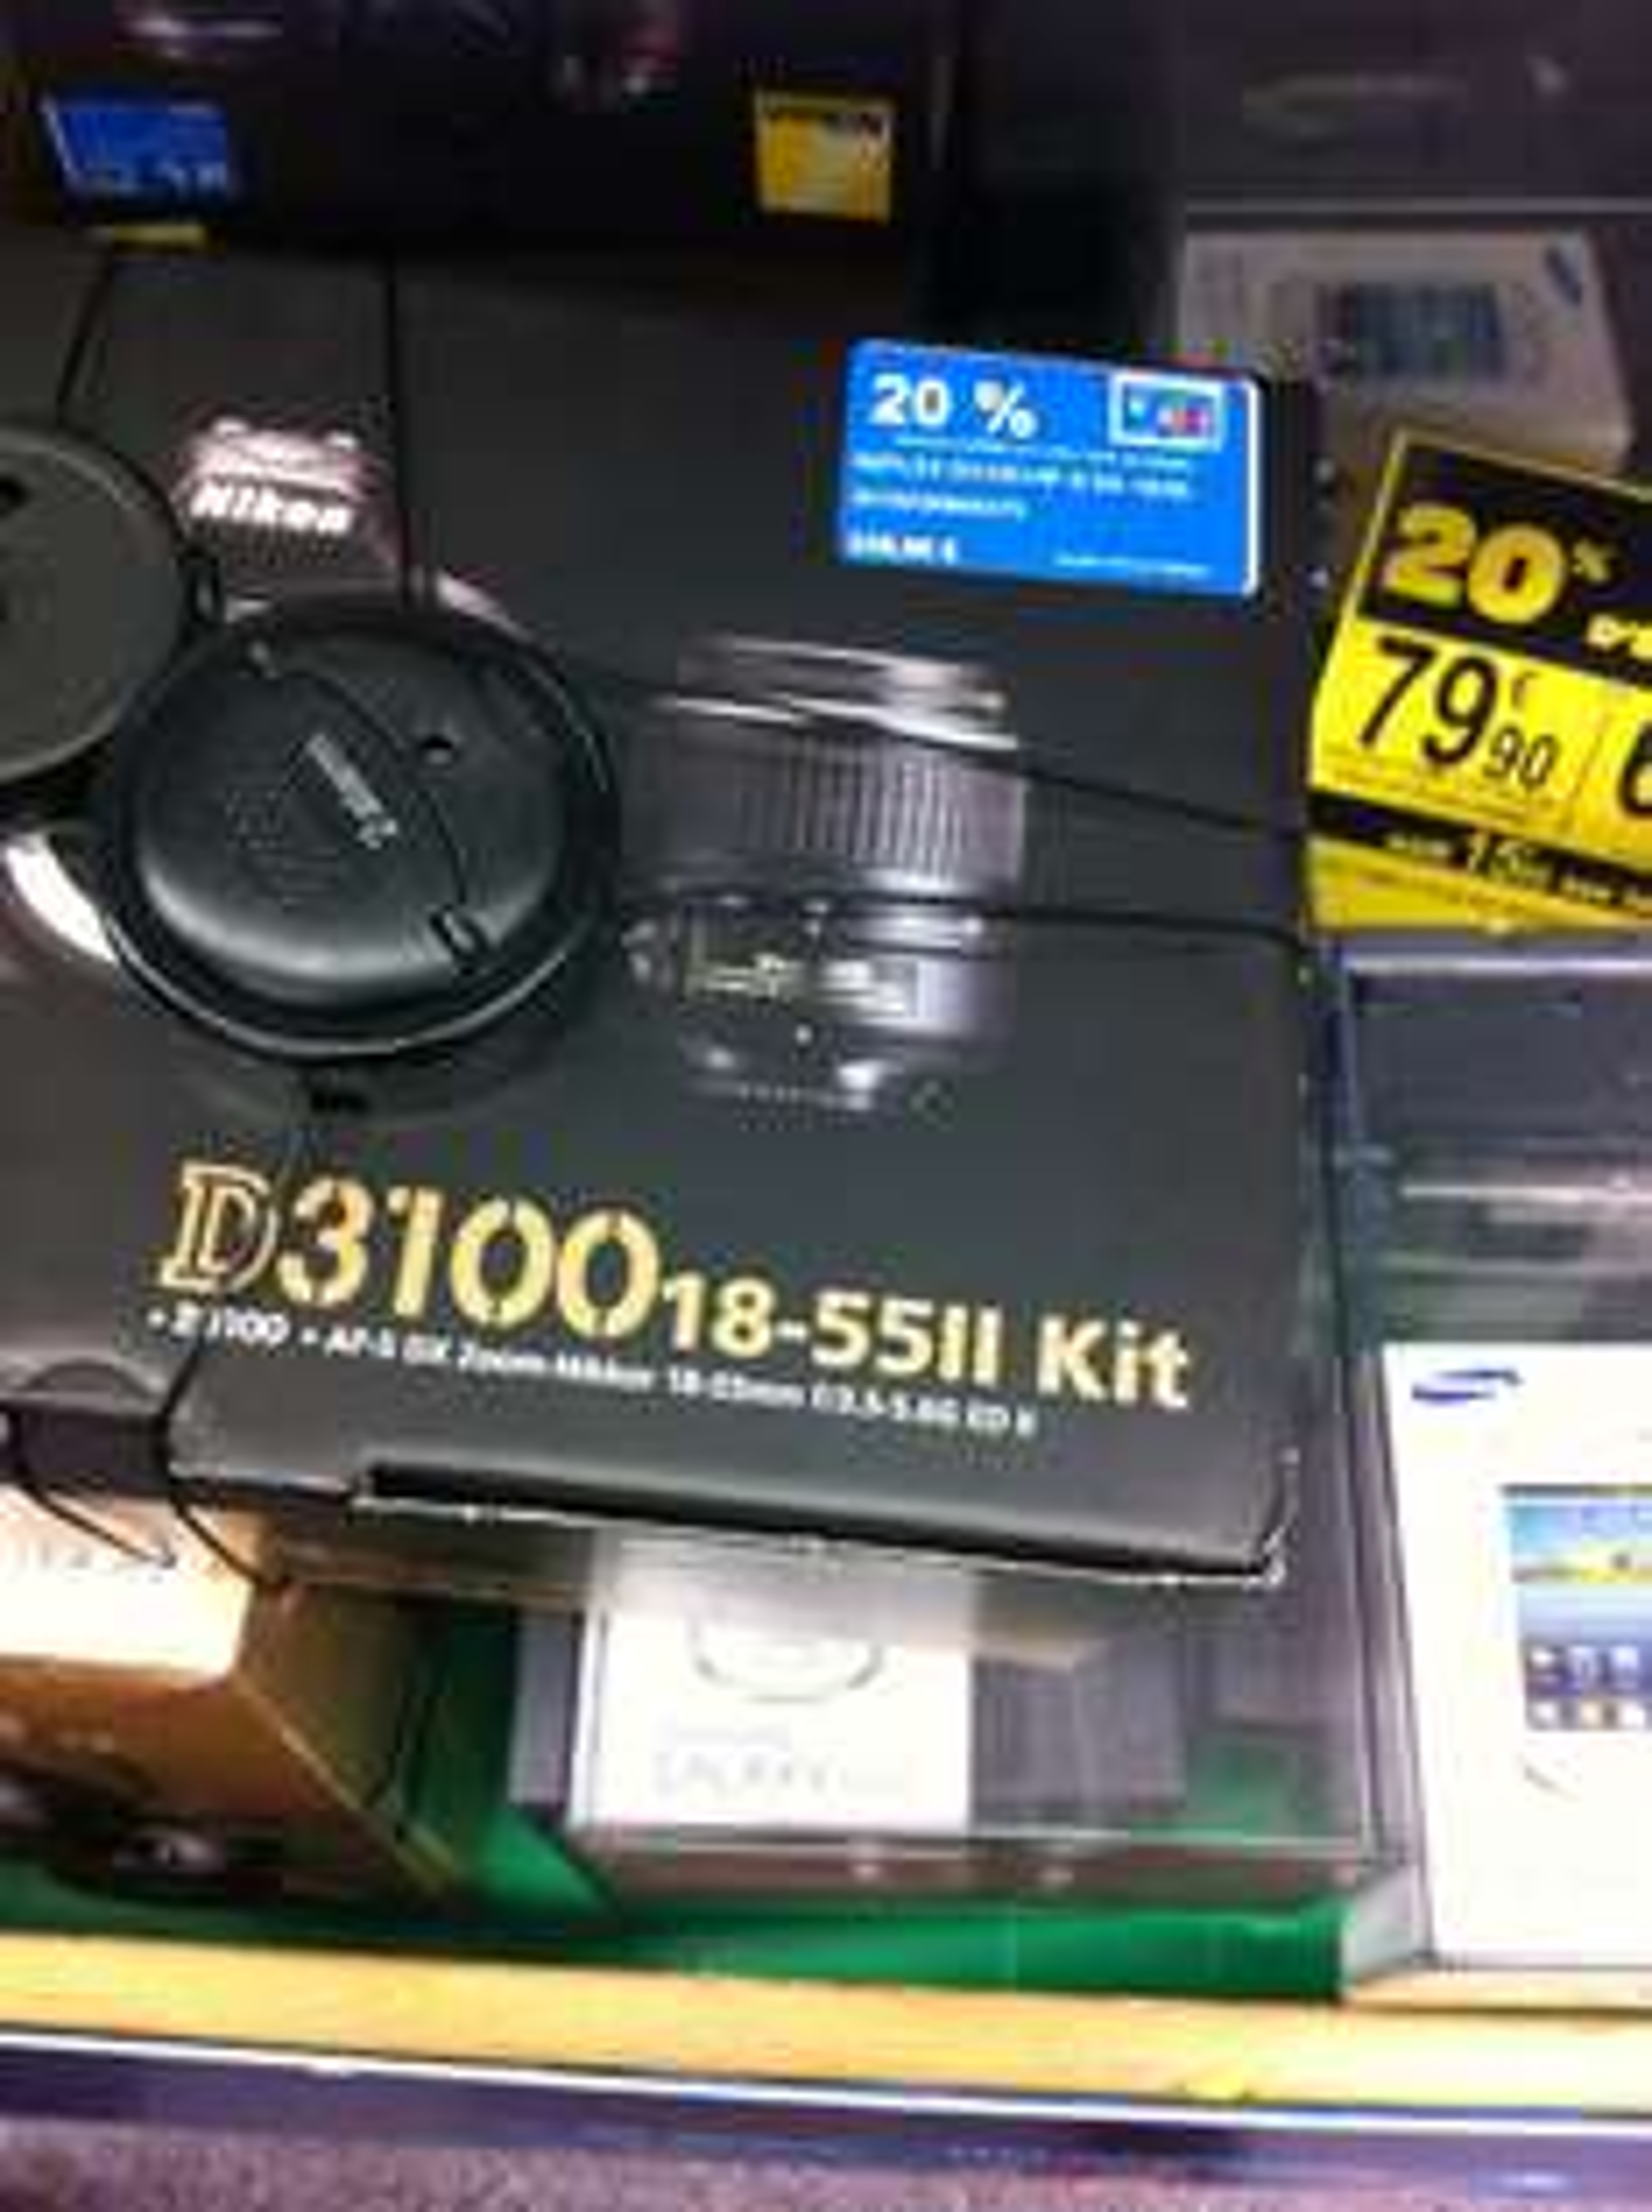 De -20% à -50% sur la carte Carrefour sur une sélection d'appareils photo - Ex : Reflex Nikon D3100 + 18-55mm (Avec 67.8€ sur la carte)